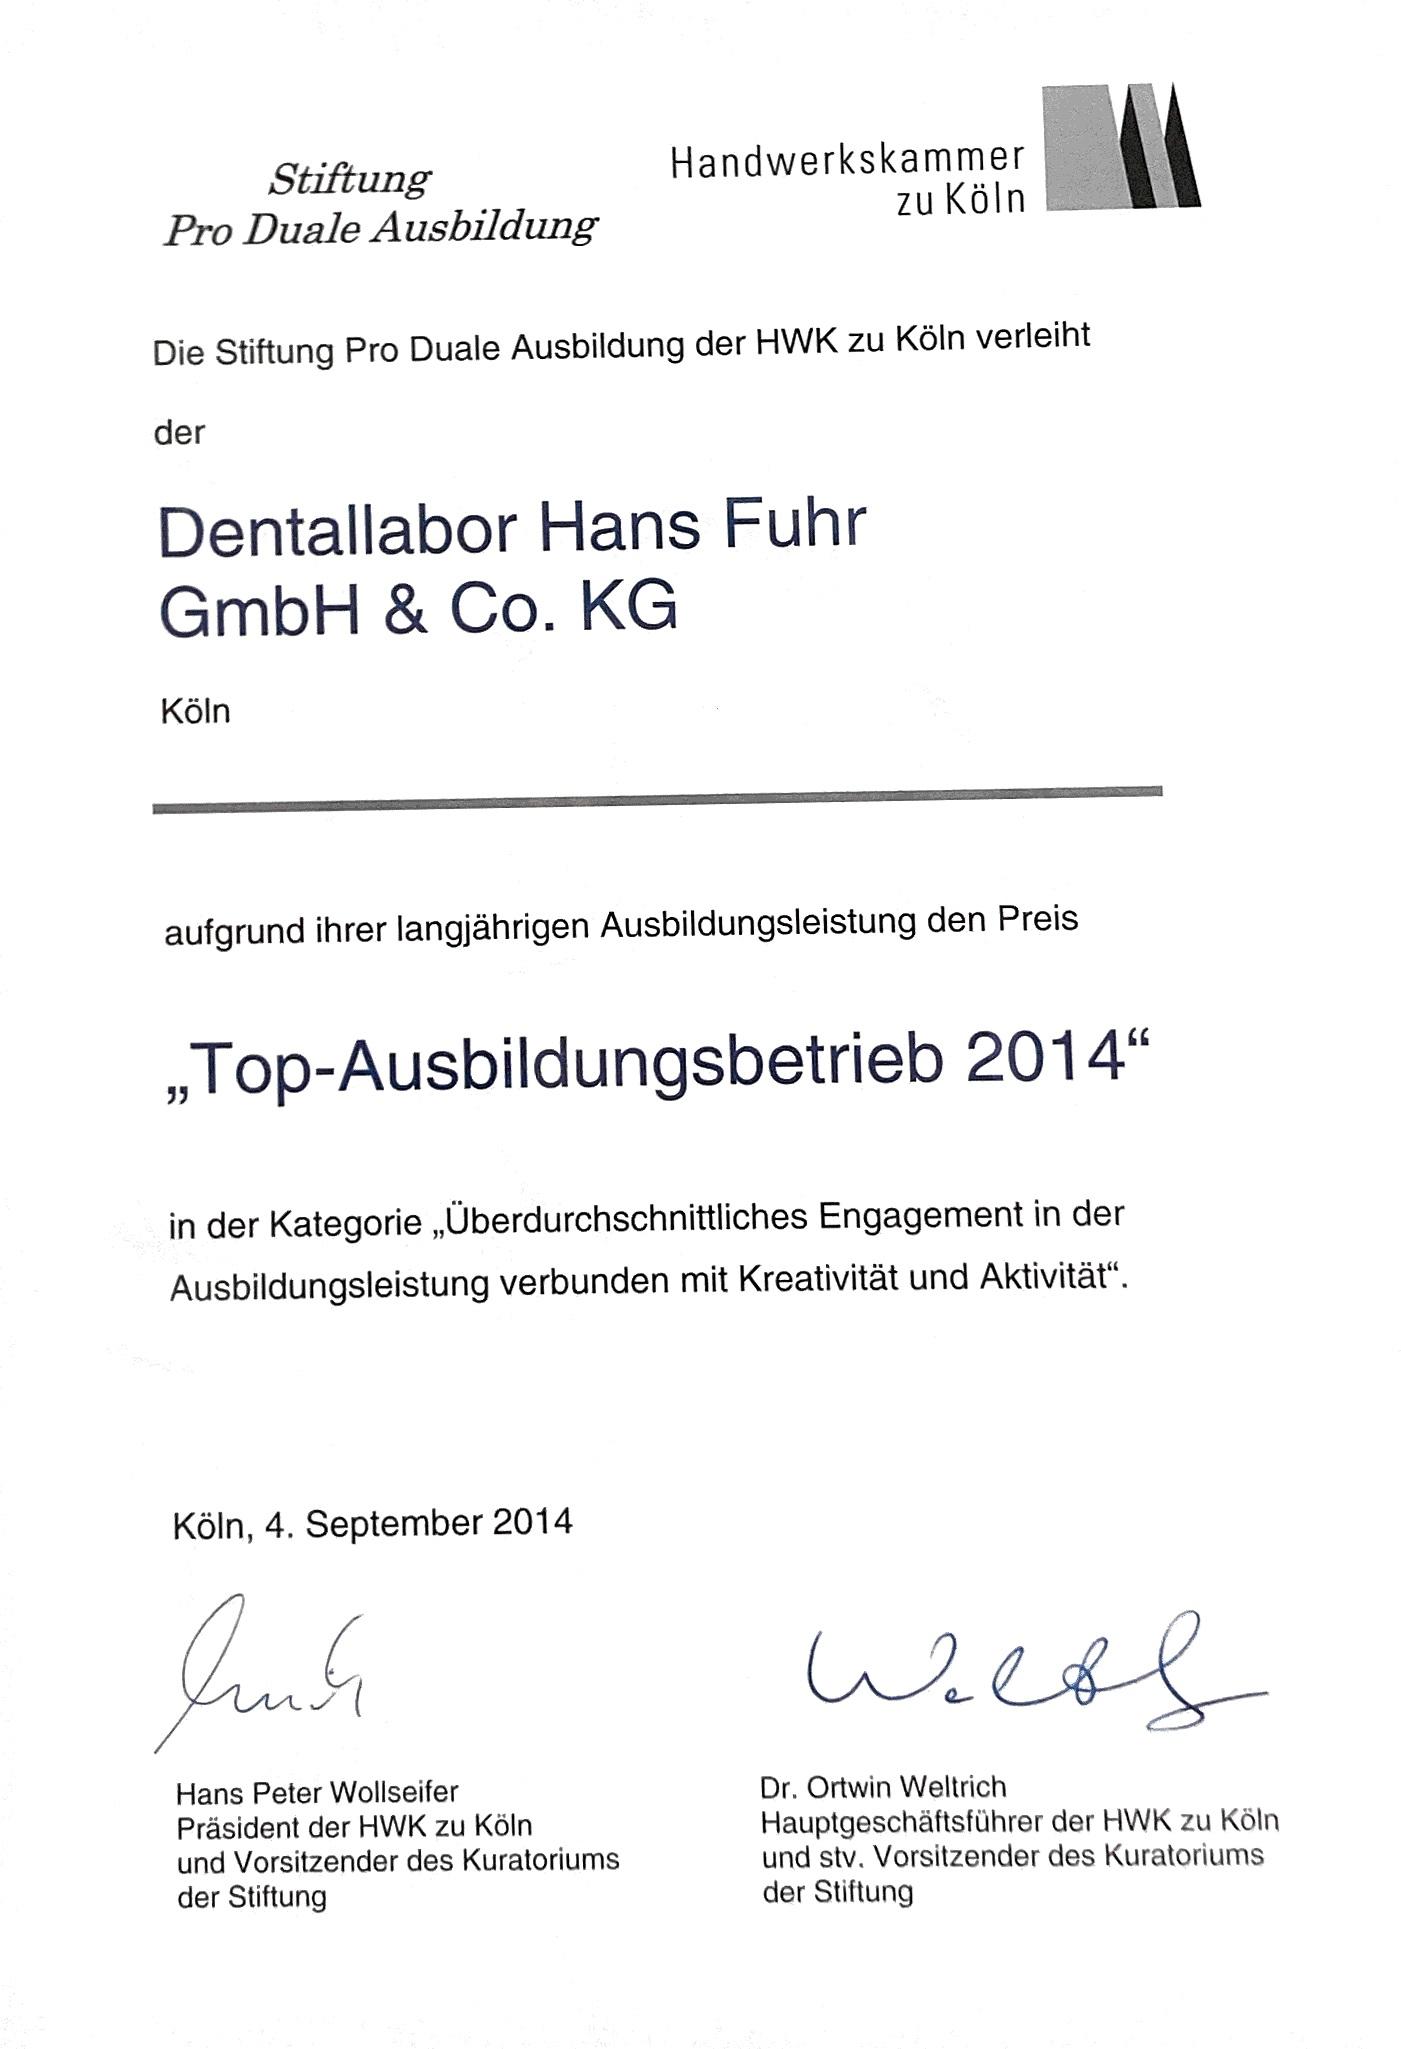 Urkunde Dental-Labor Hans Fuhr Top Ausbildunsgbetrieb